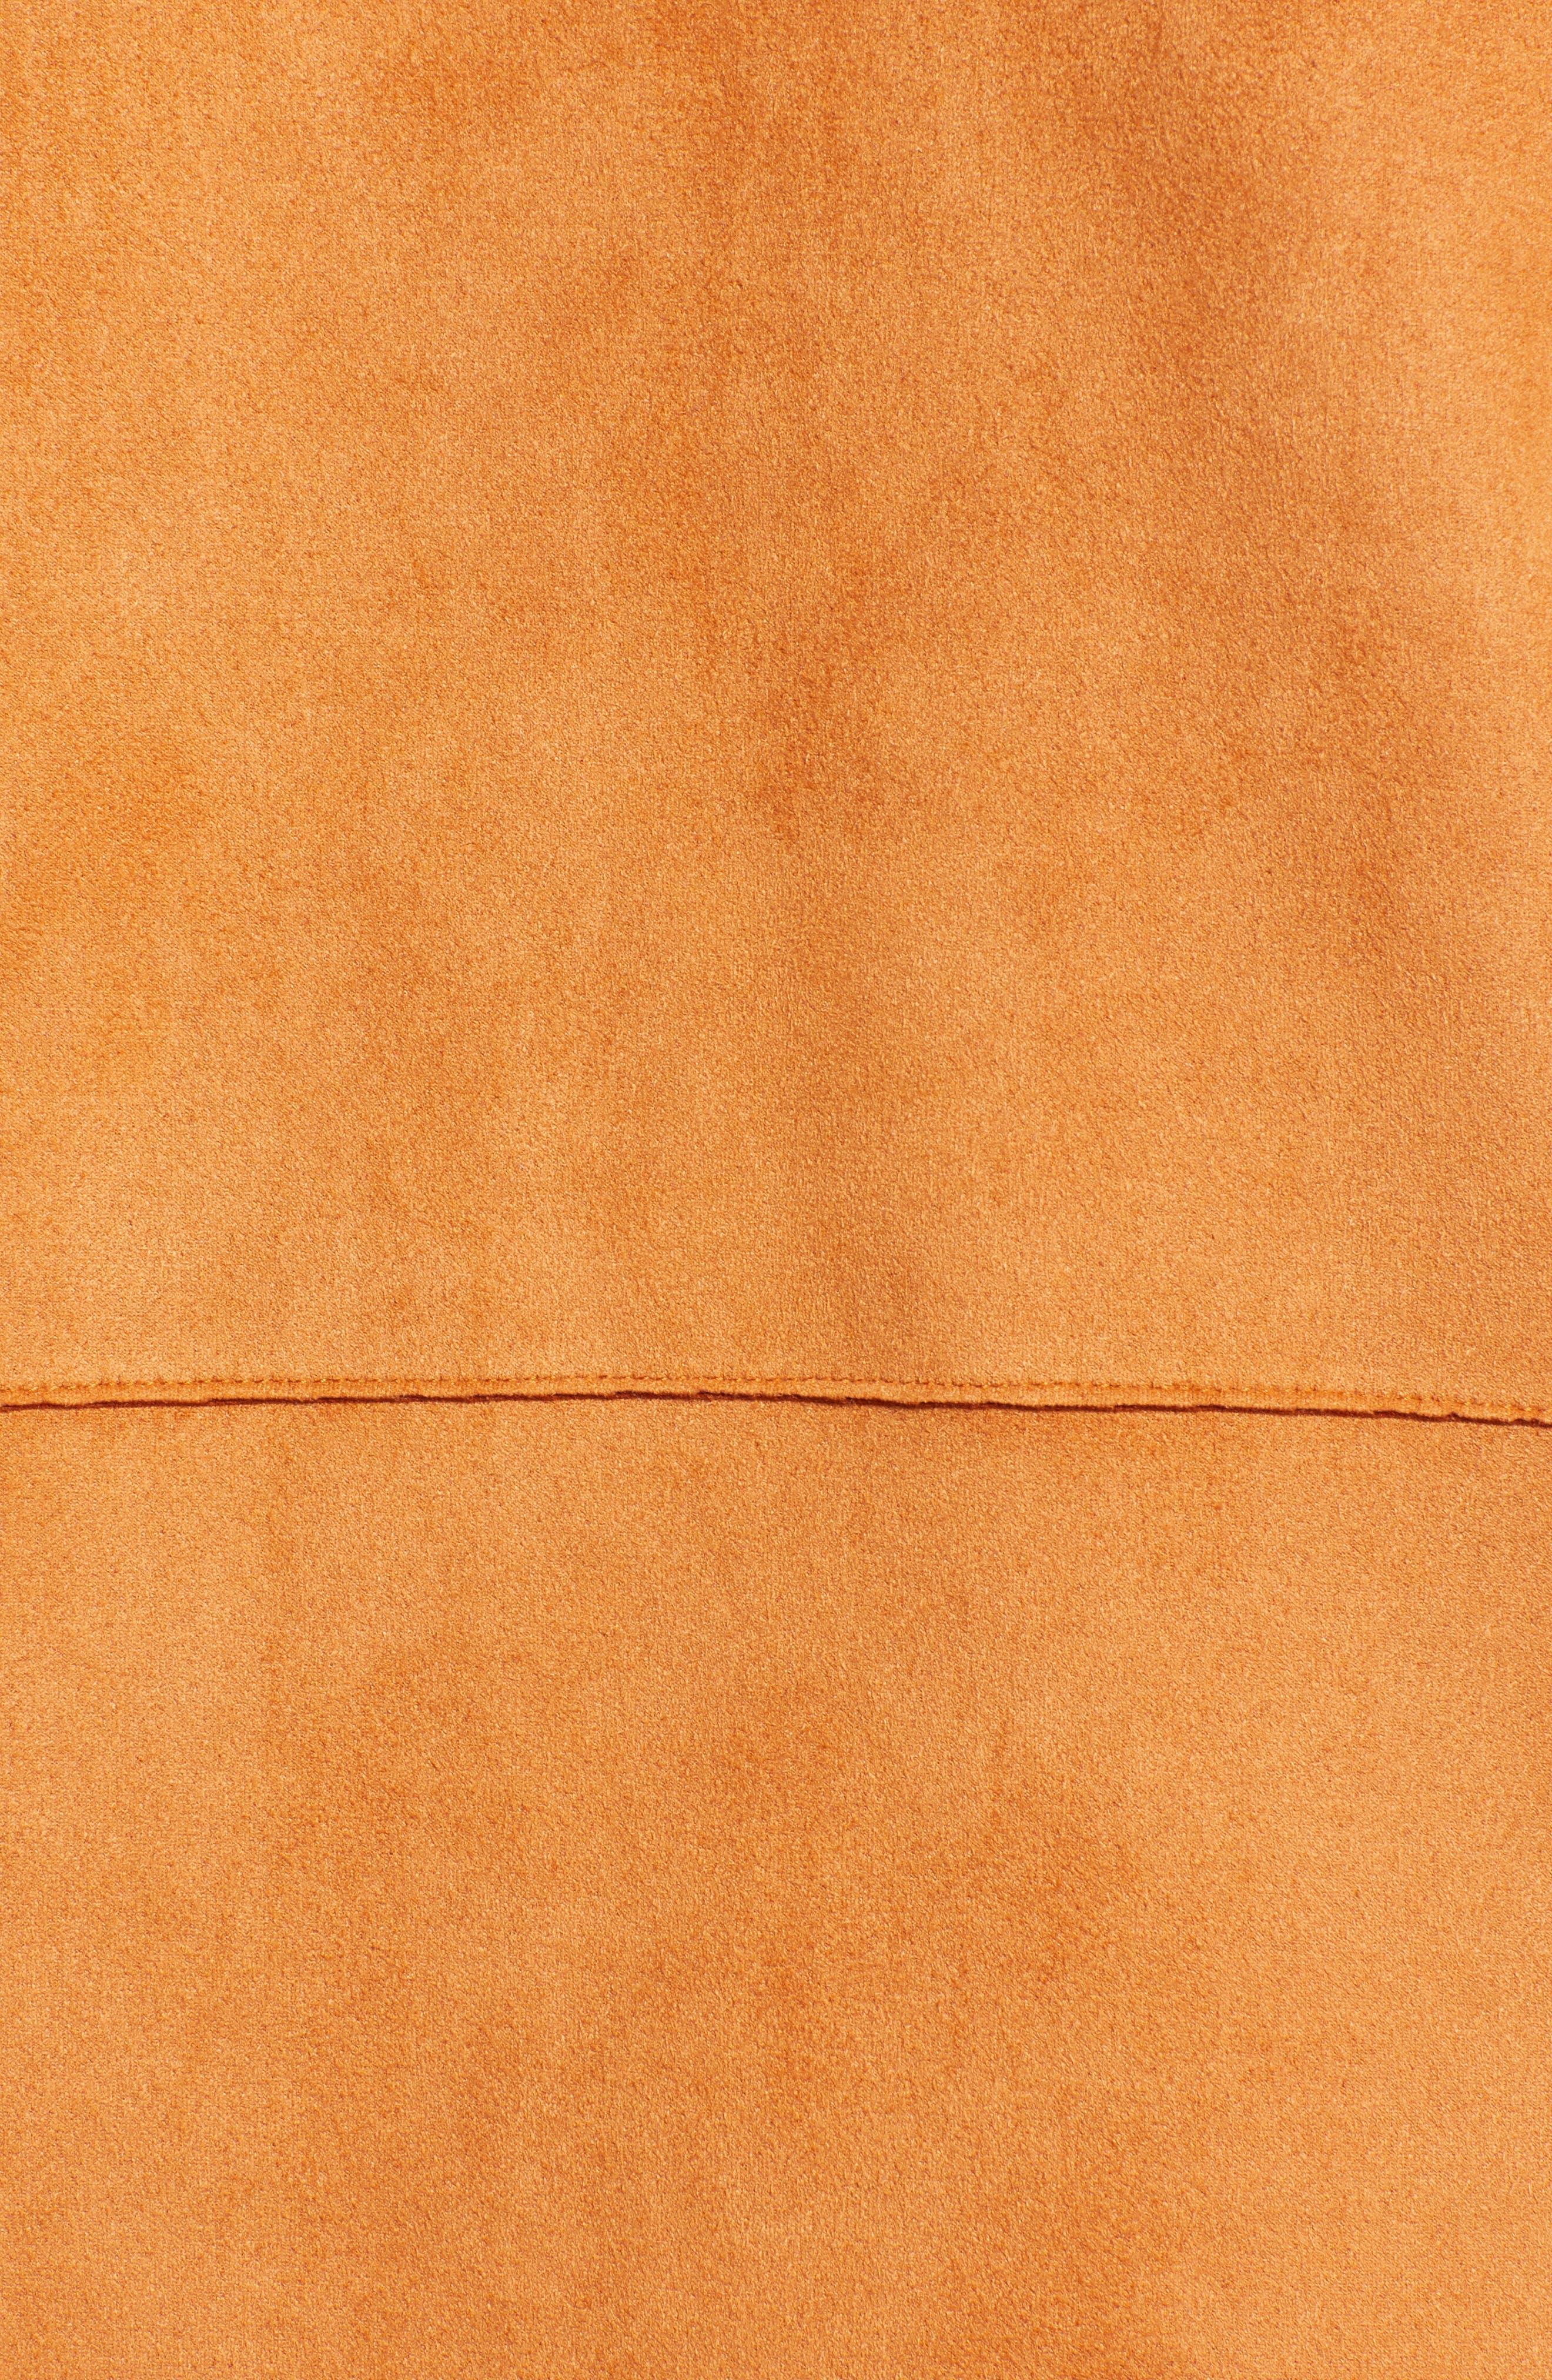 Asymmetrical Faux Suede Vest,                             Alternate thumbnail 7, color,                             COGNAC